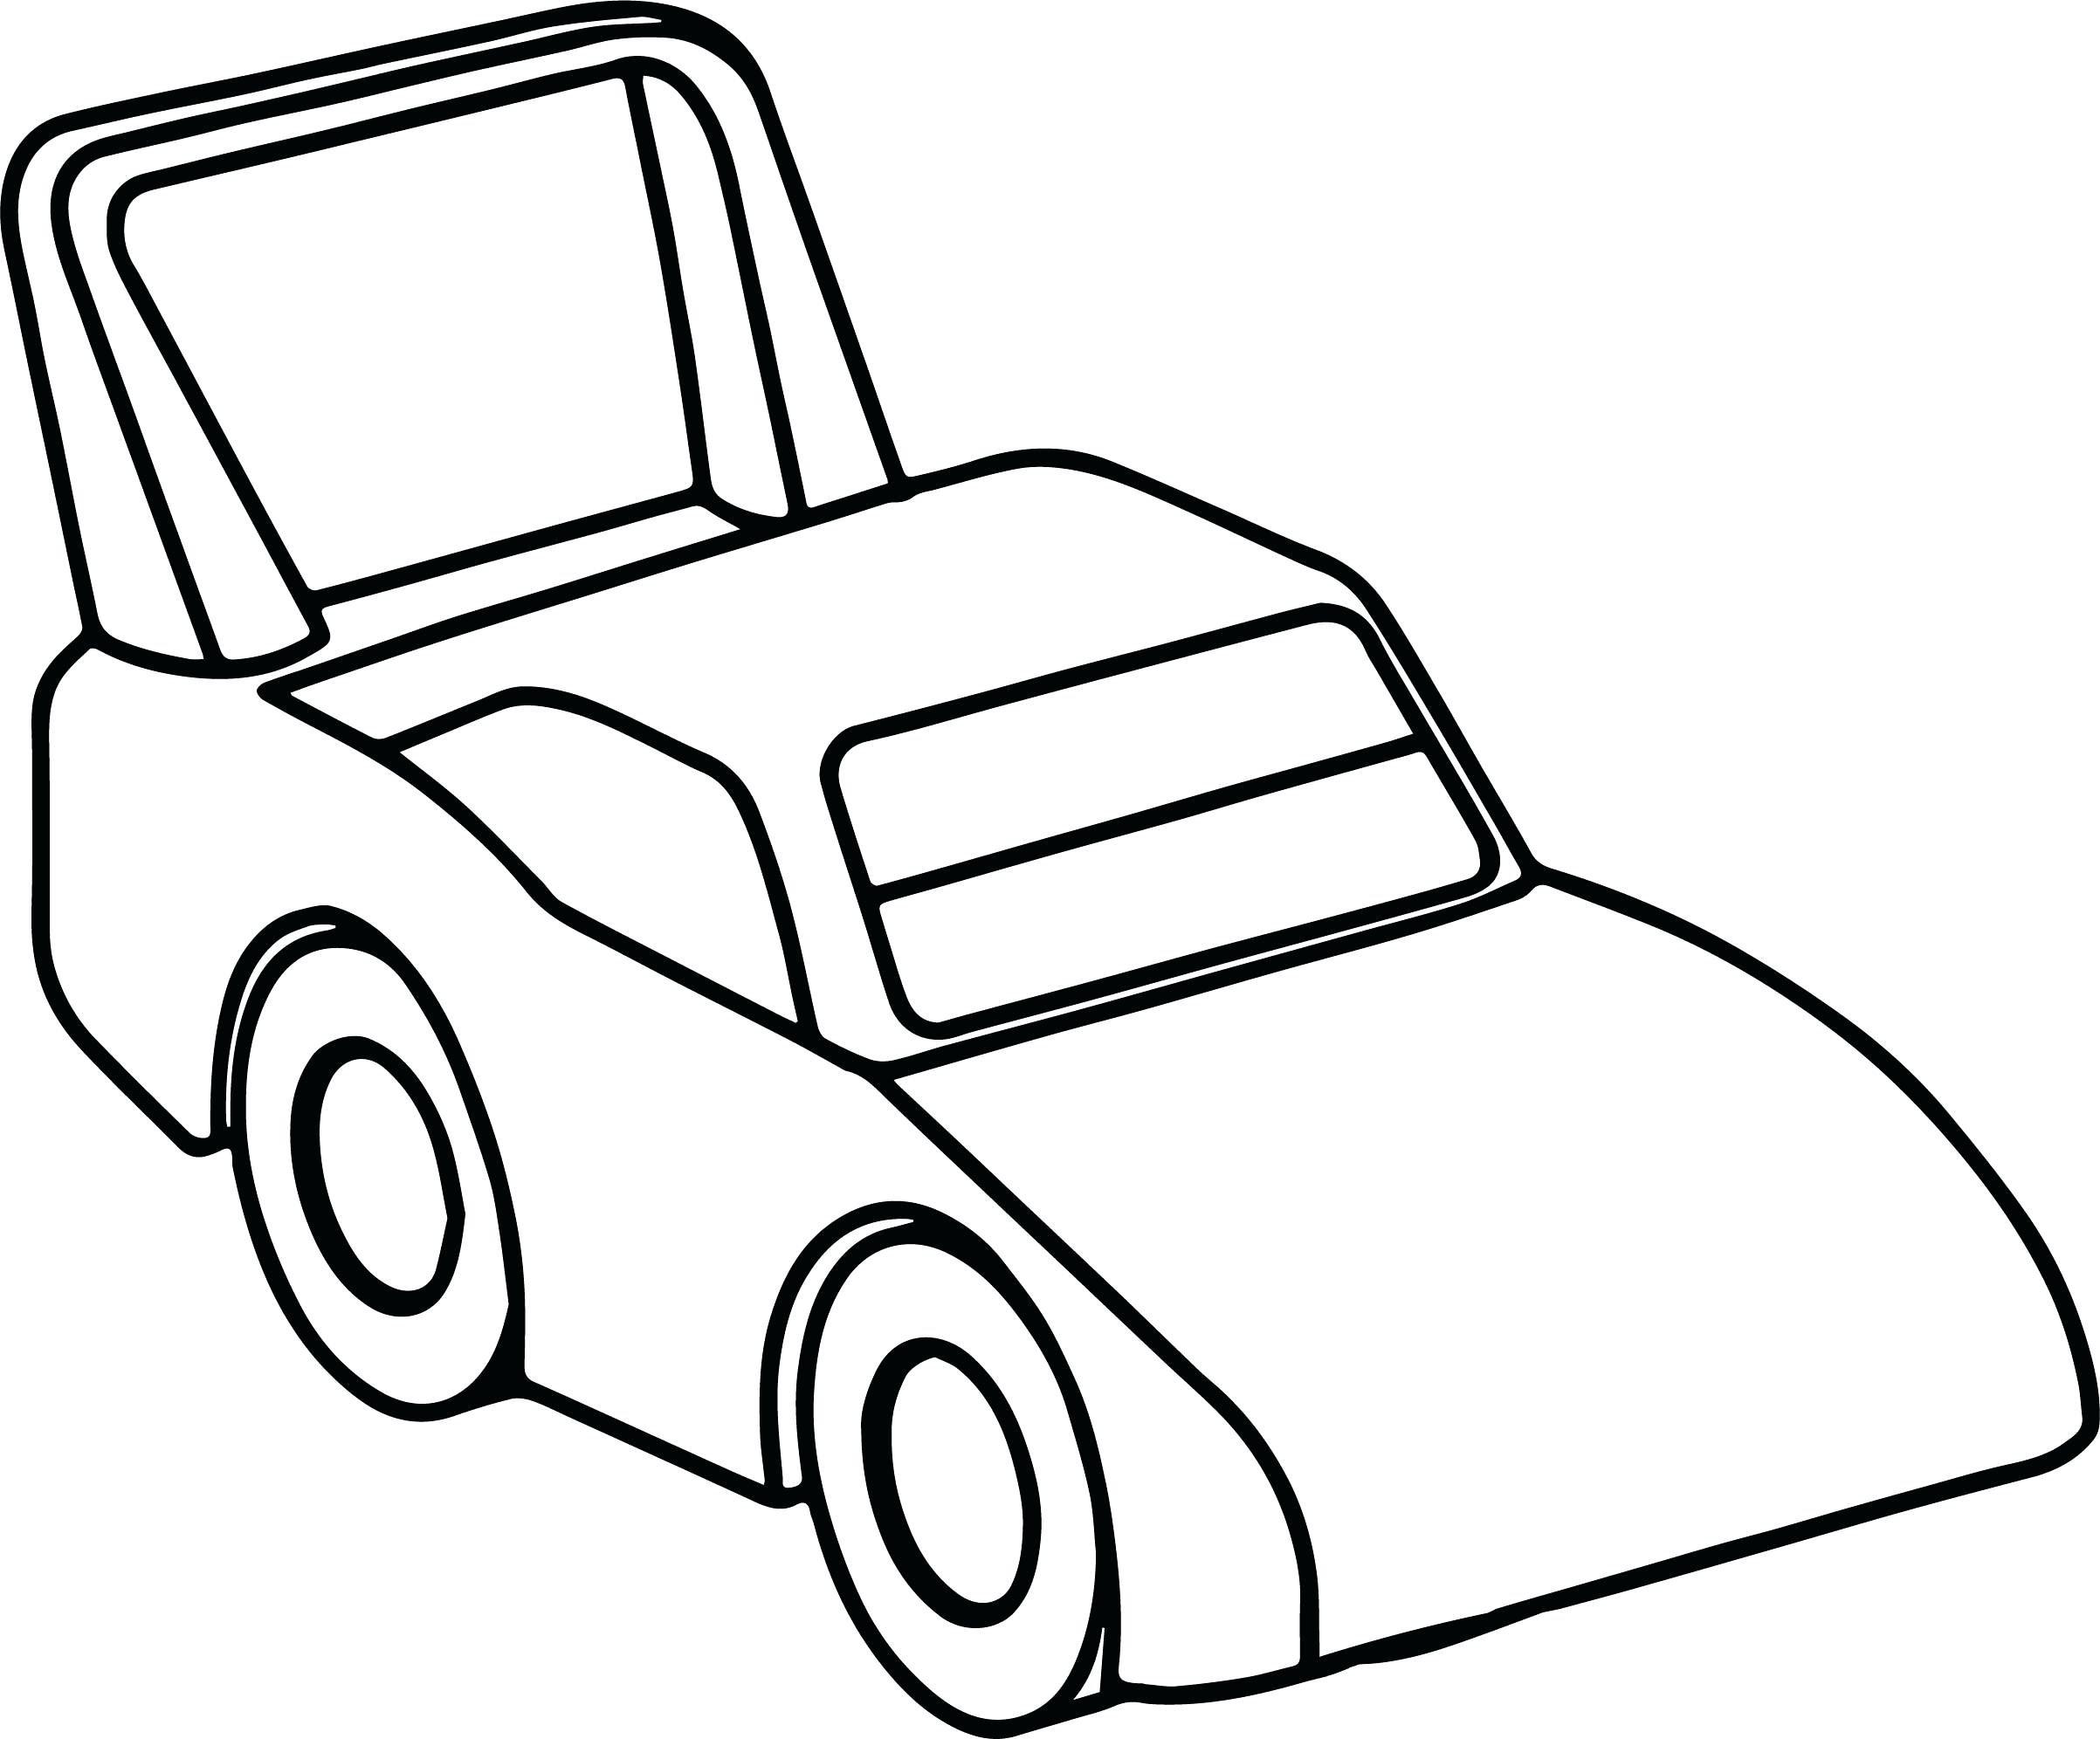 2405x1992 Toy Car Line Drawing Kidz Area